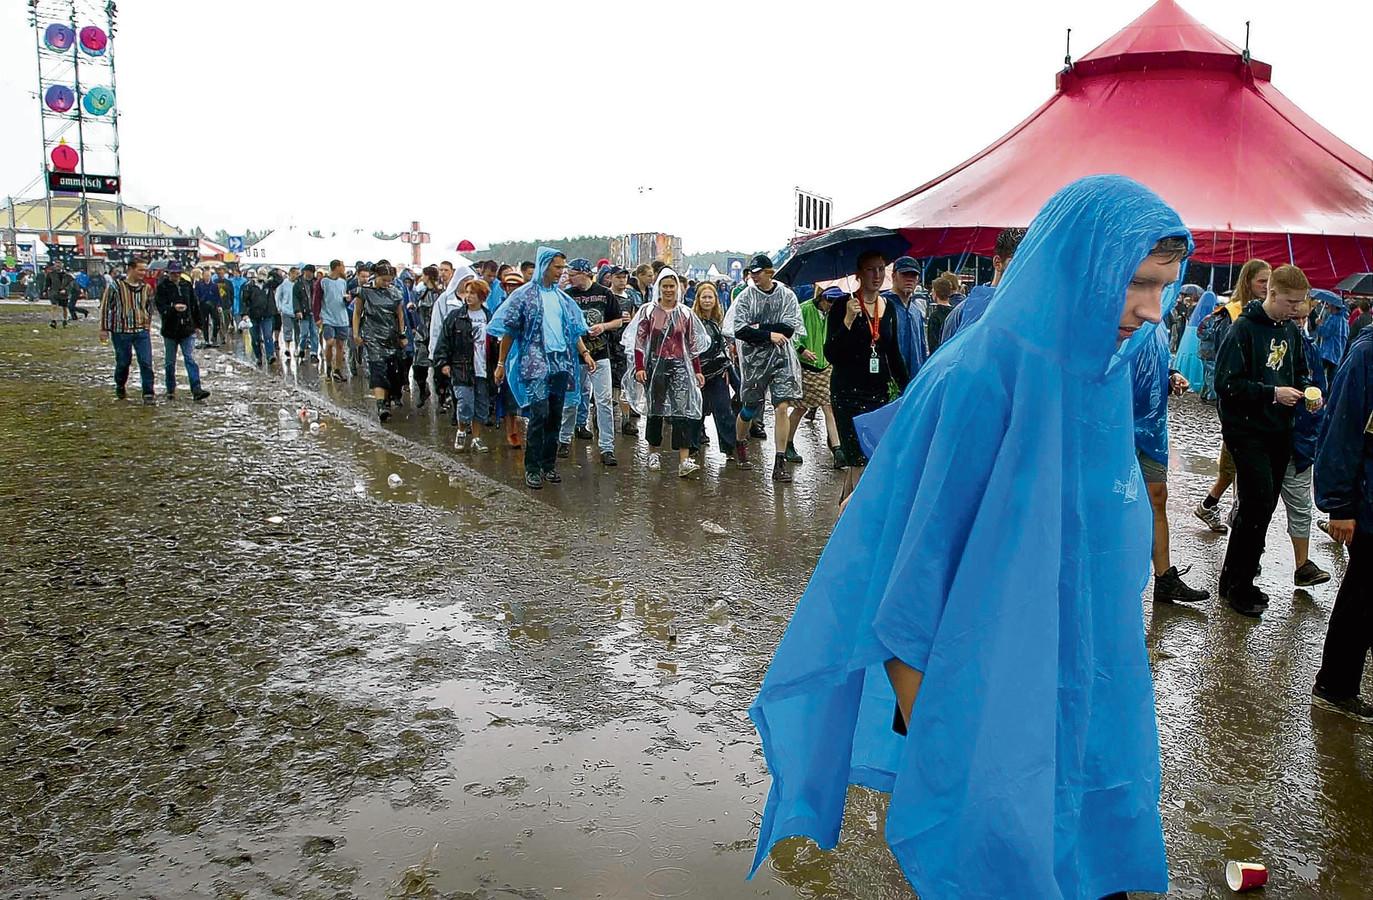 Bezoekers van Lowlands lopen in de regen tijdens de editie van 2002.